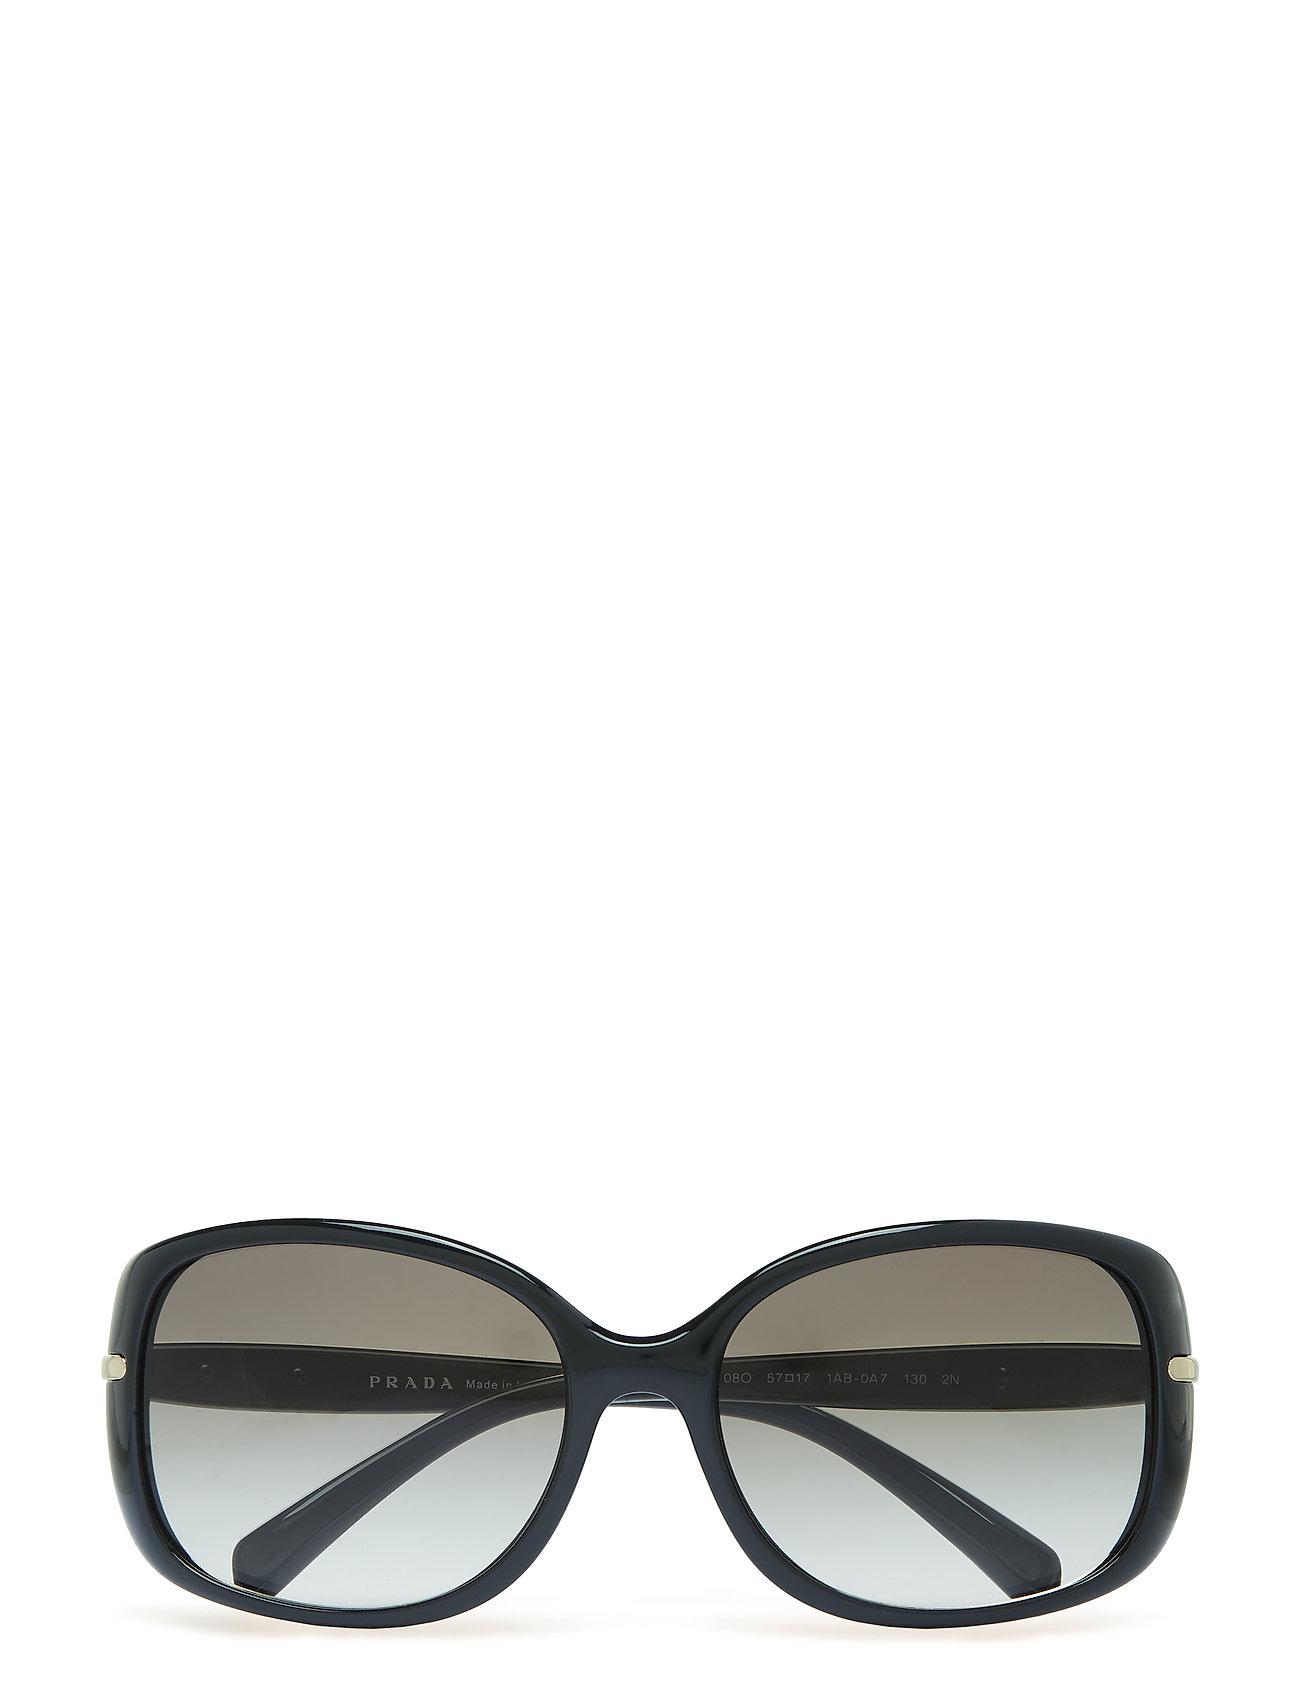 Prada Sunglasses CONCEPTUAL   ARROW